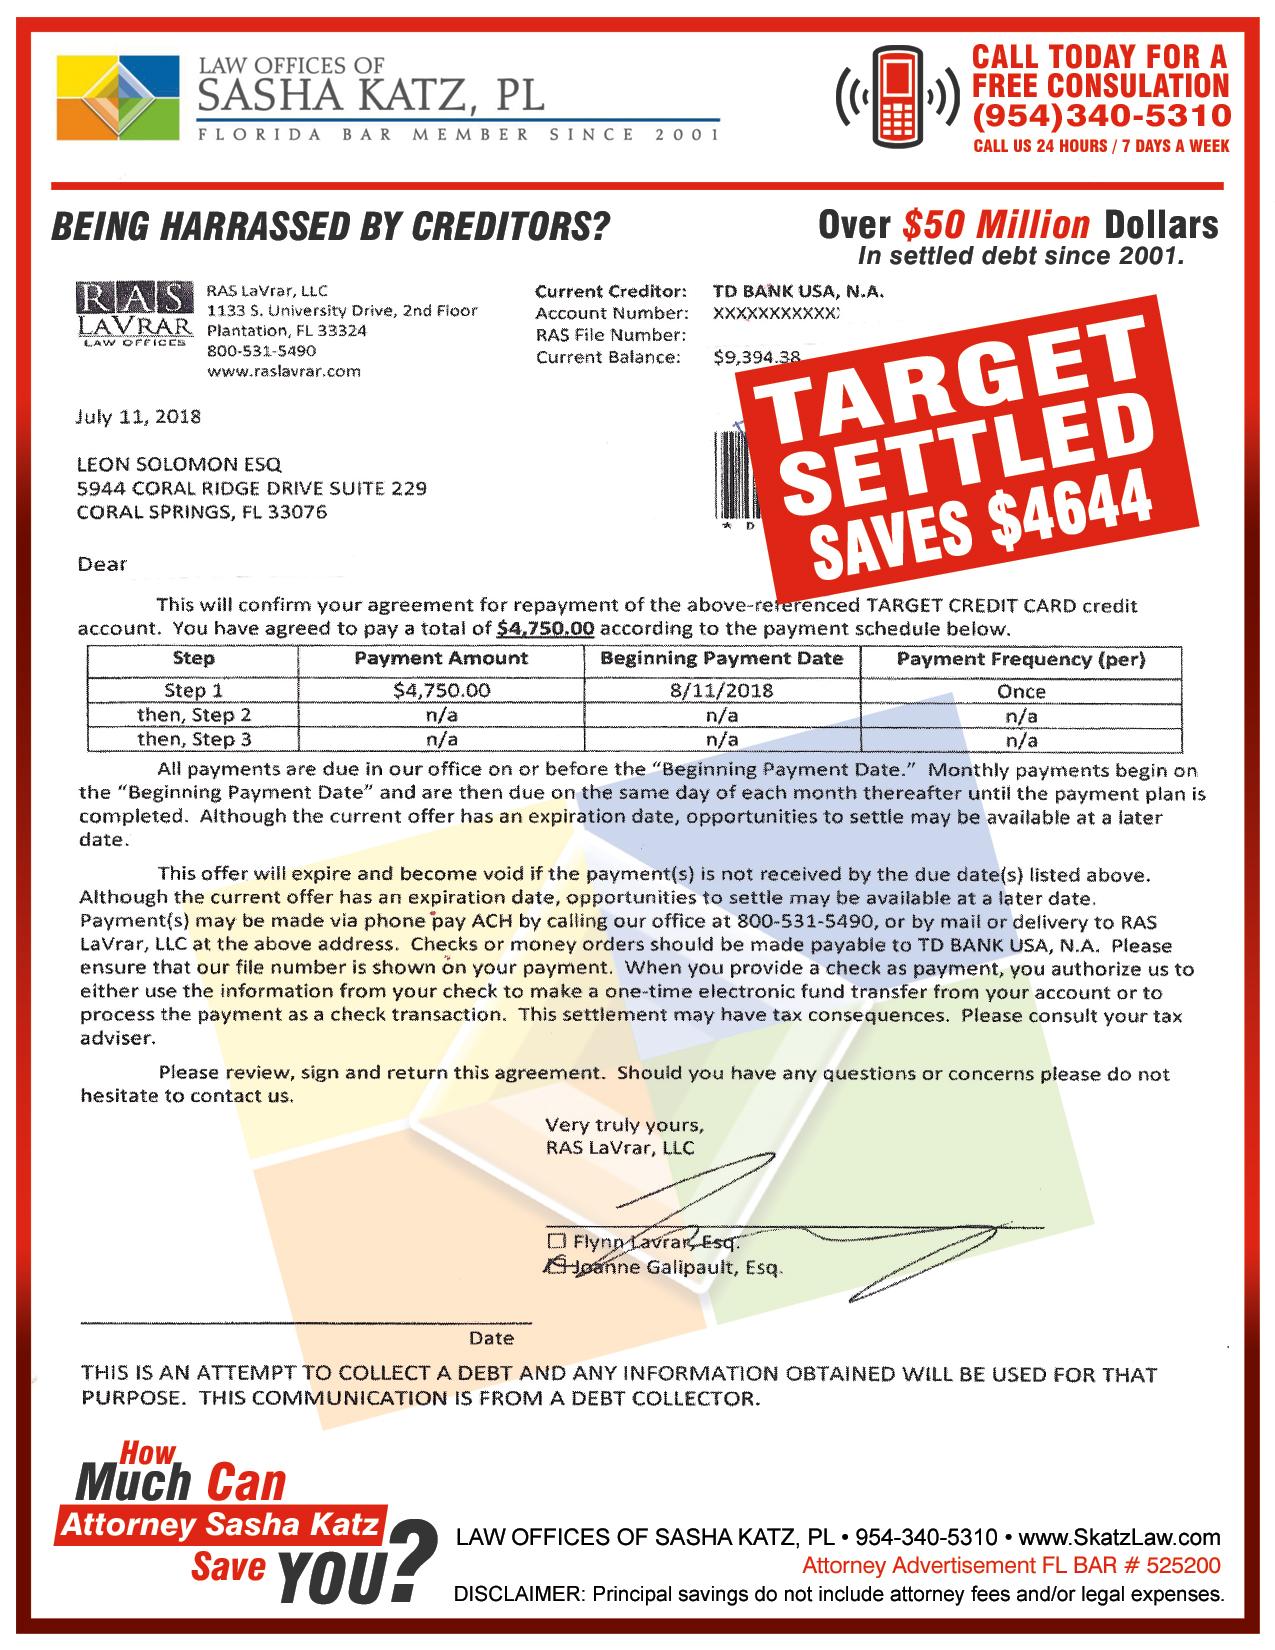 settlement_letter45_2020